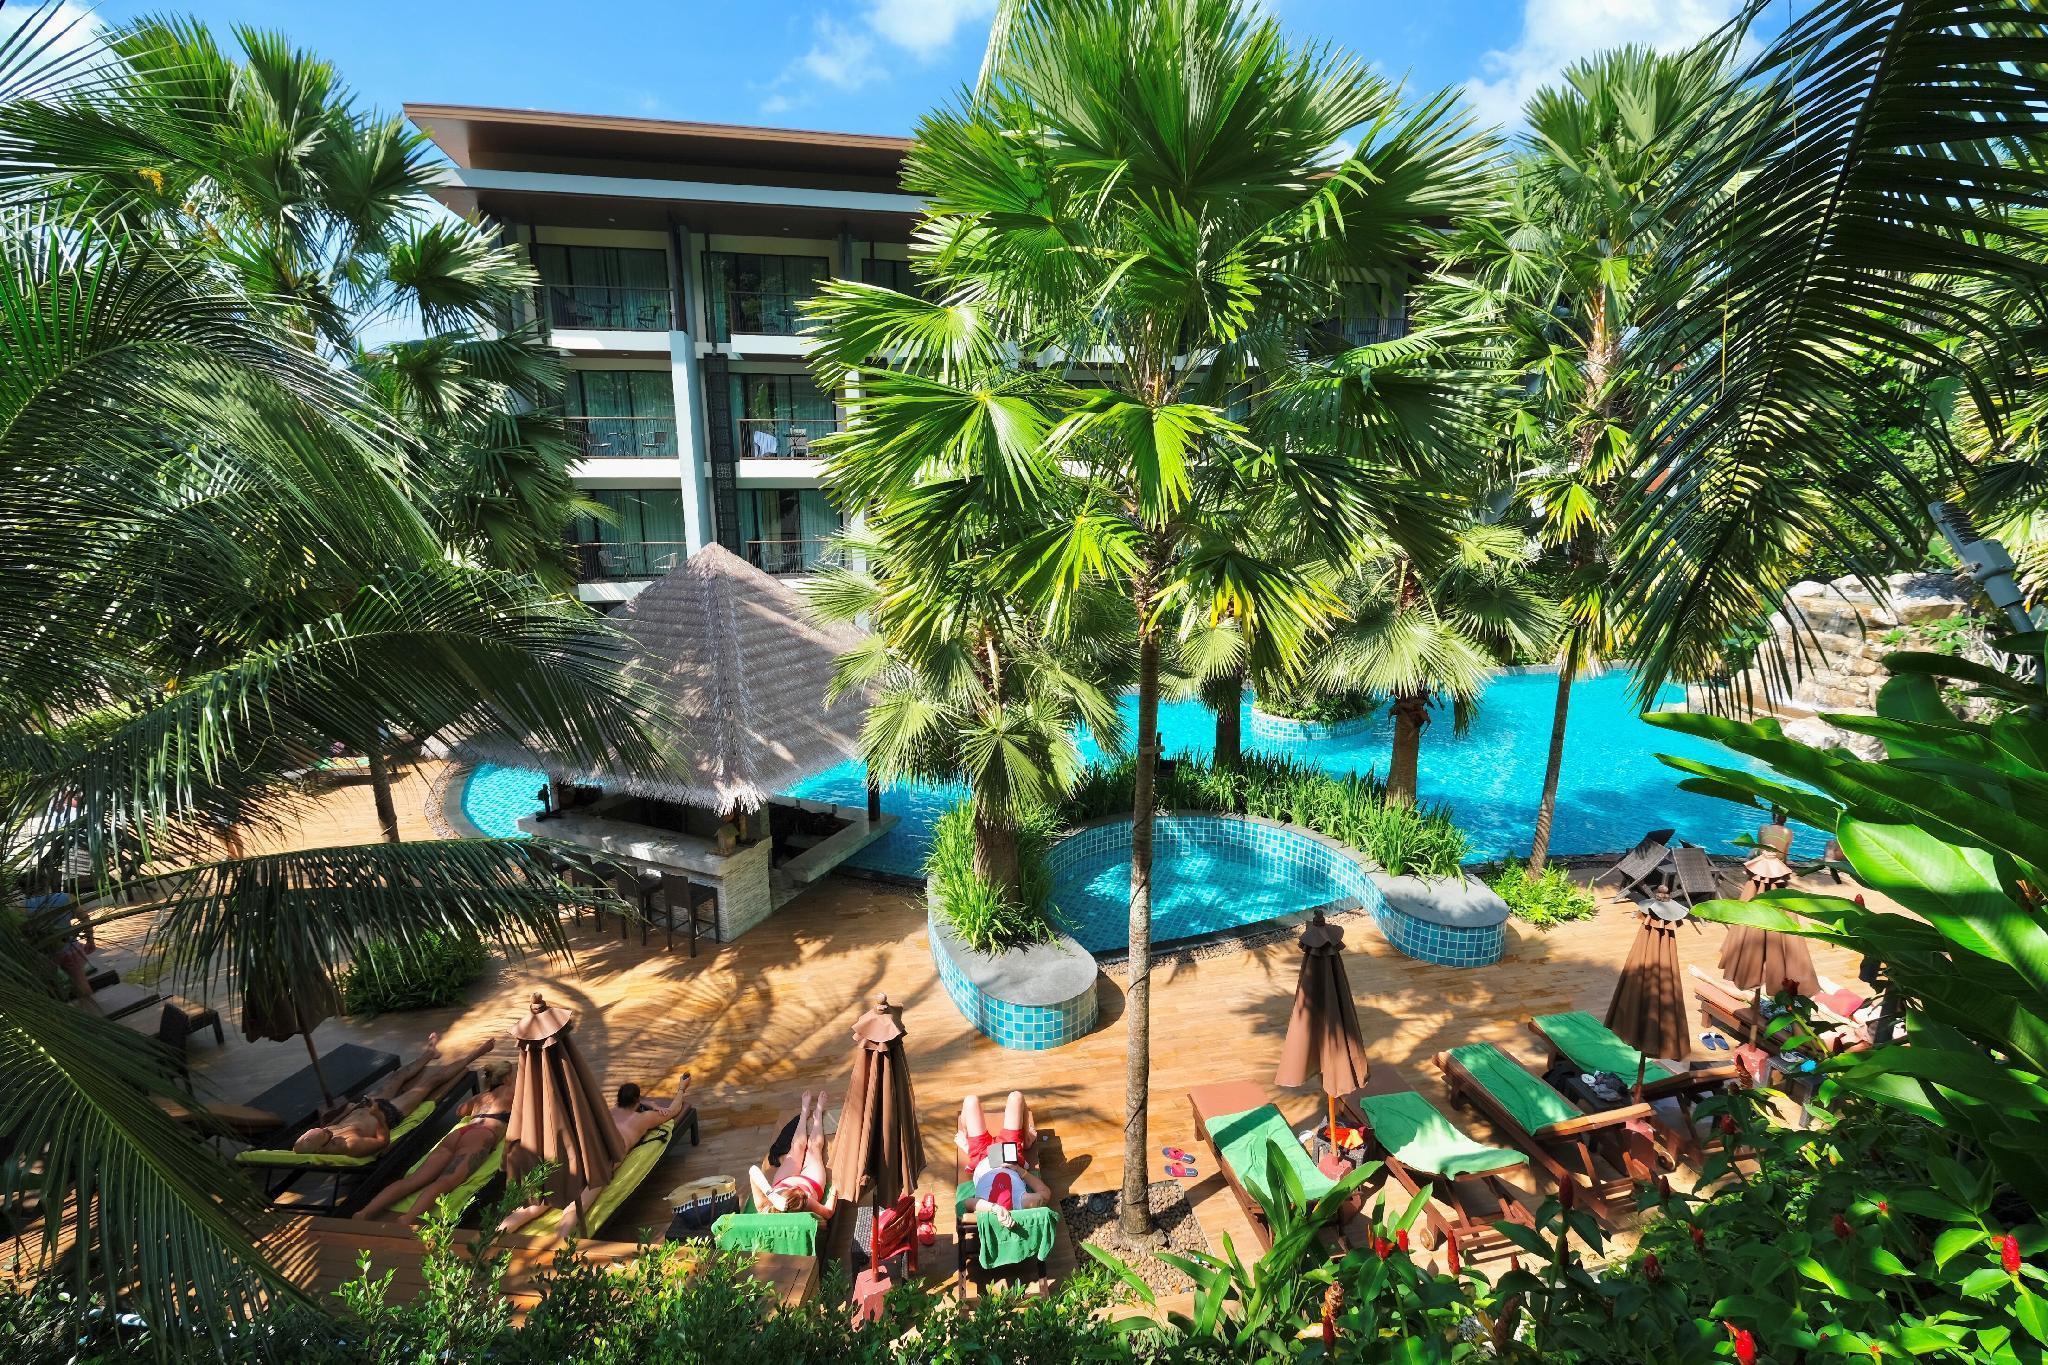 Hula Hula Resort Ao Nang ฮูลา ฮูลา รีสอร์ต อ่าวนาง